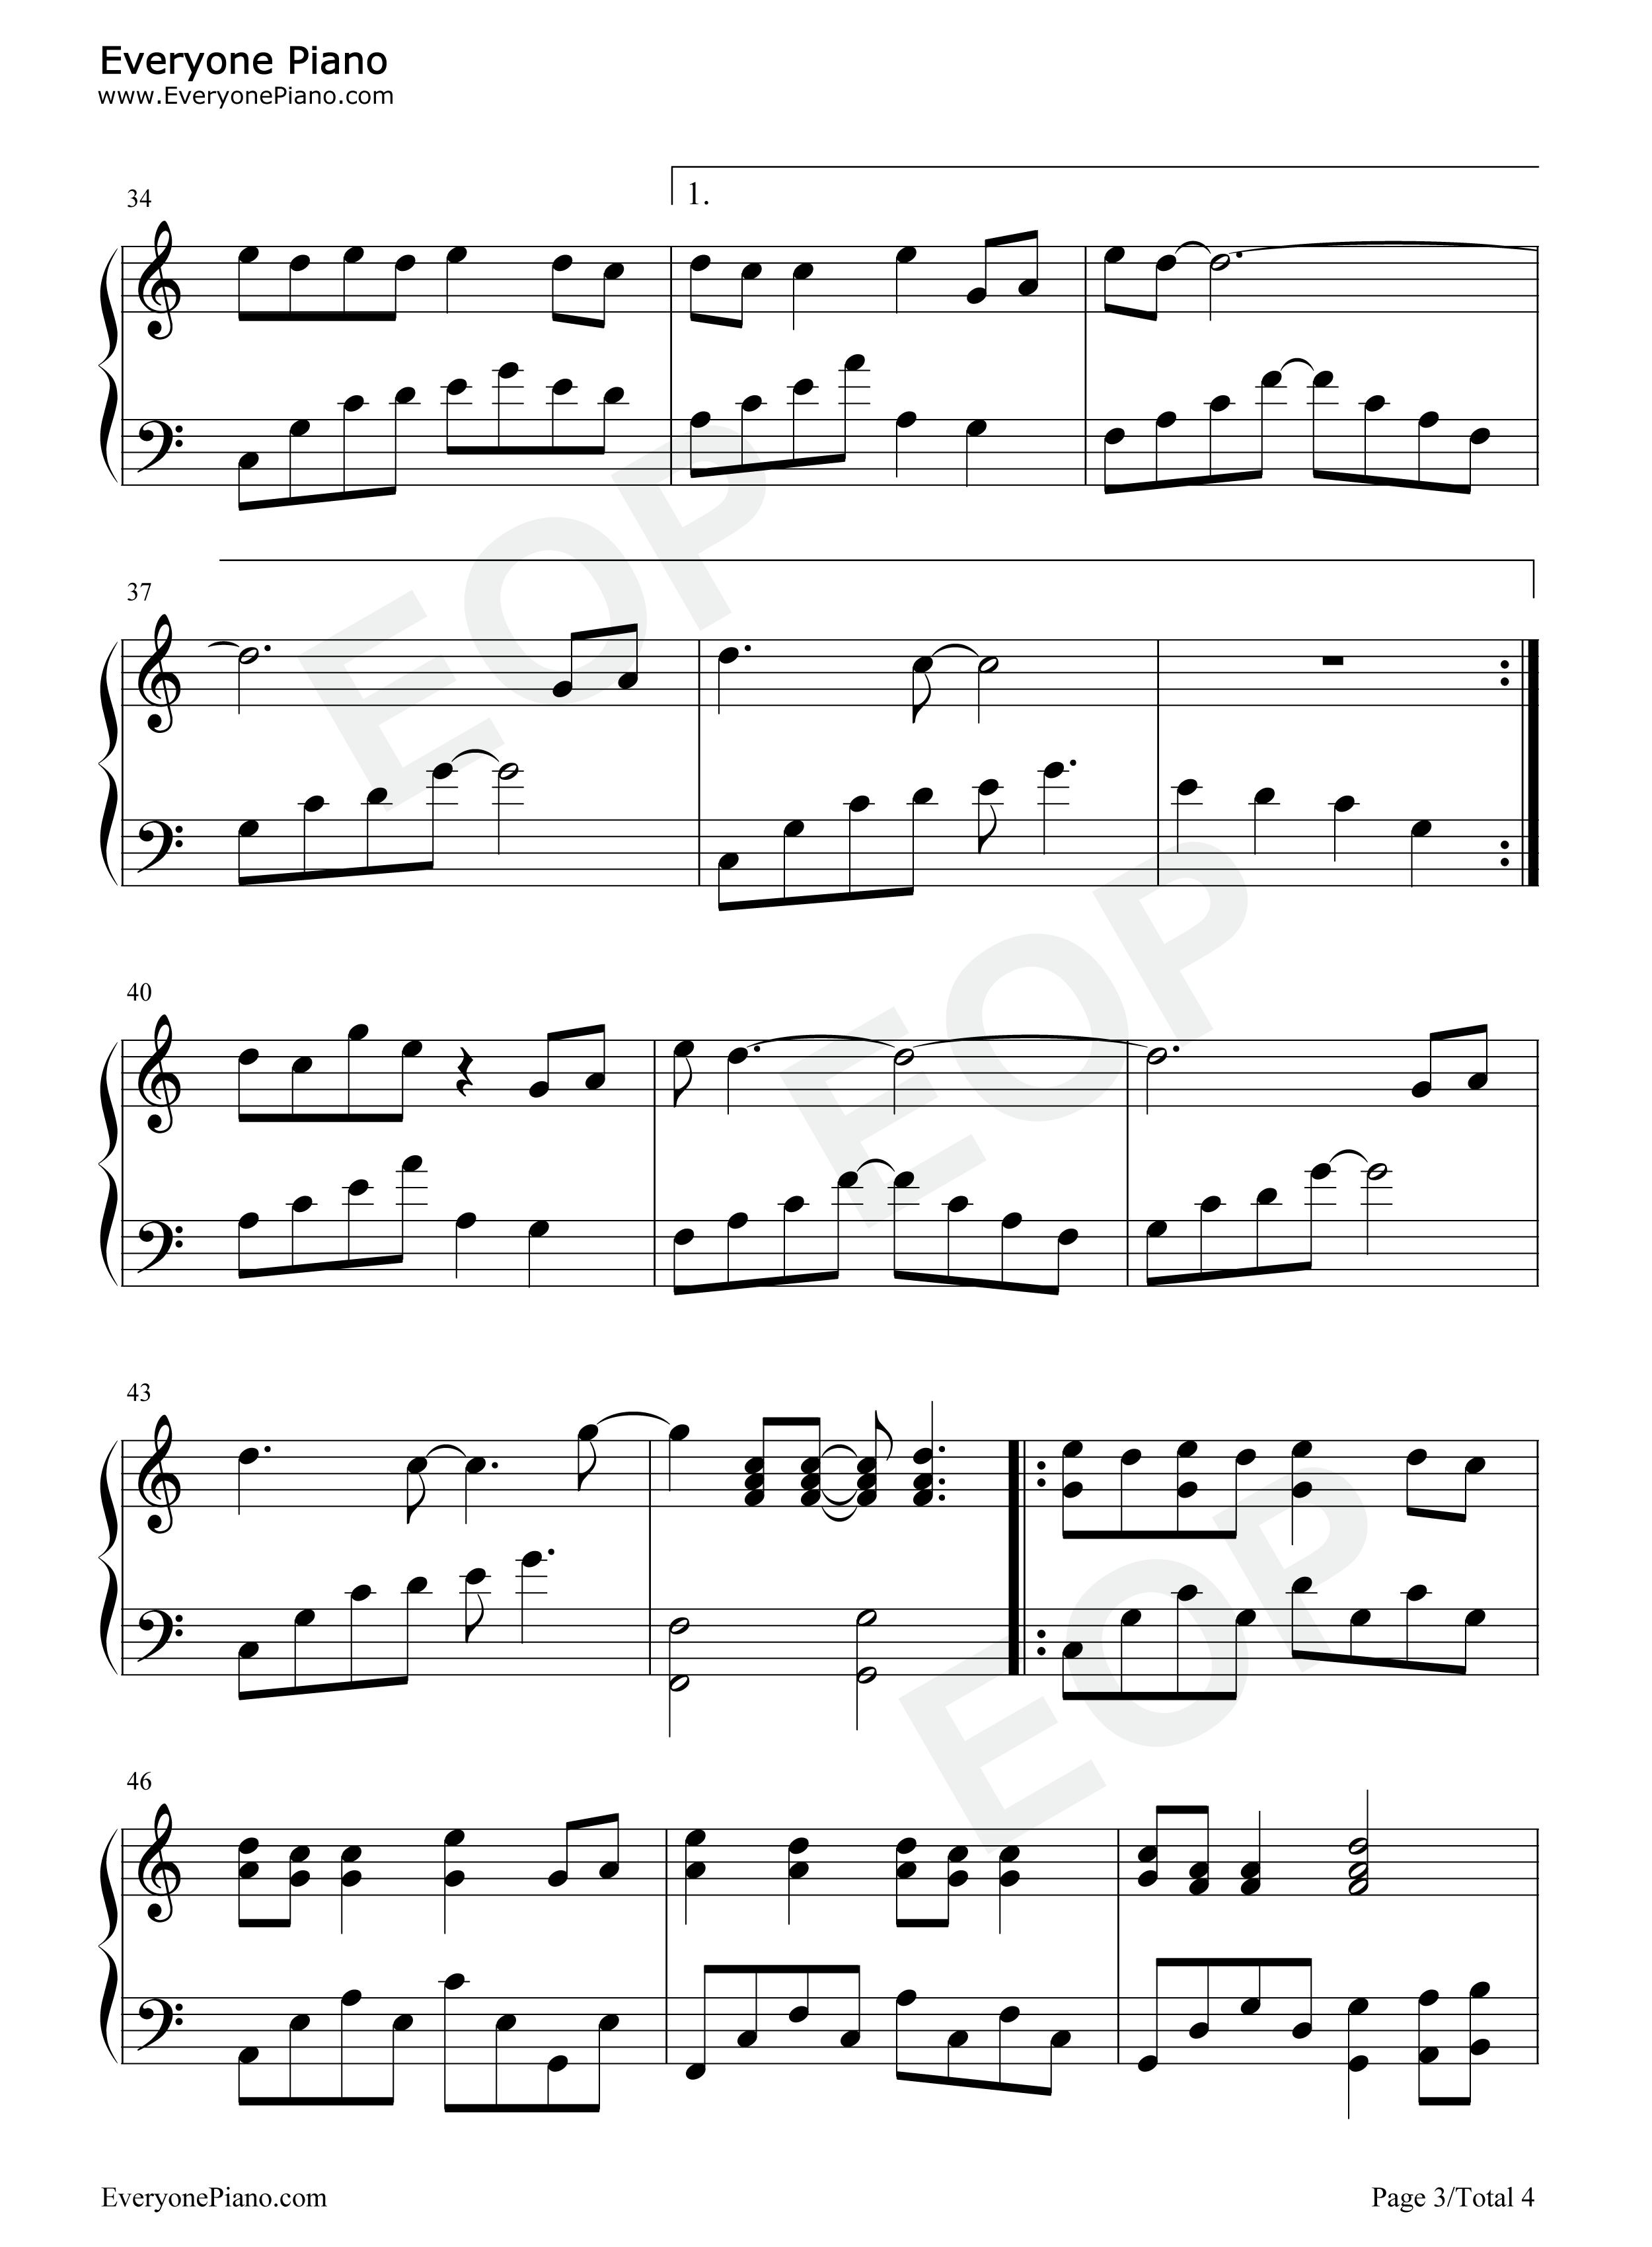 钢琴曲谱 流行 猪之歌 猪之歌五线谱预览3  亲,在你免费下载谱子之后